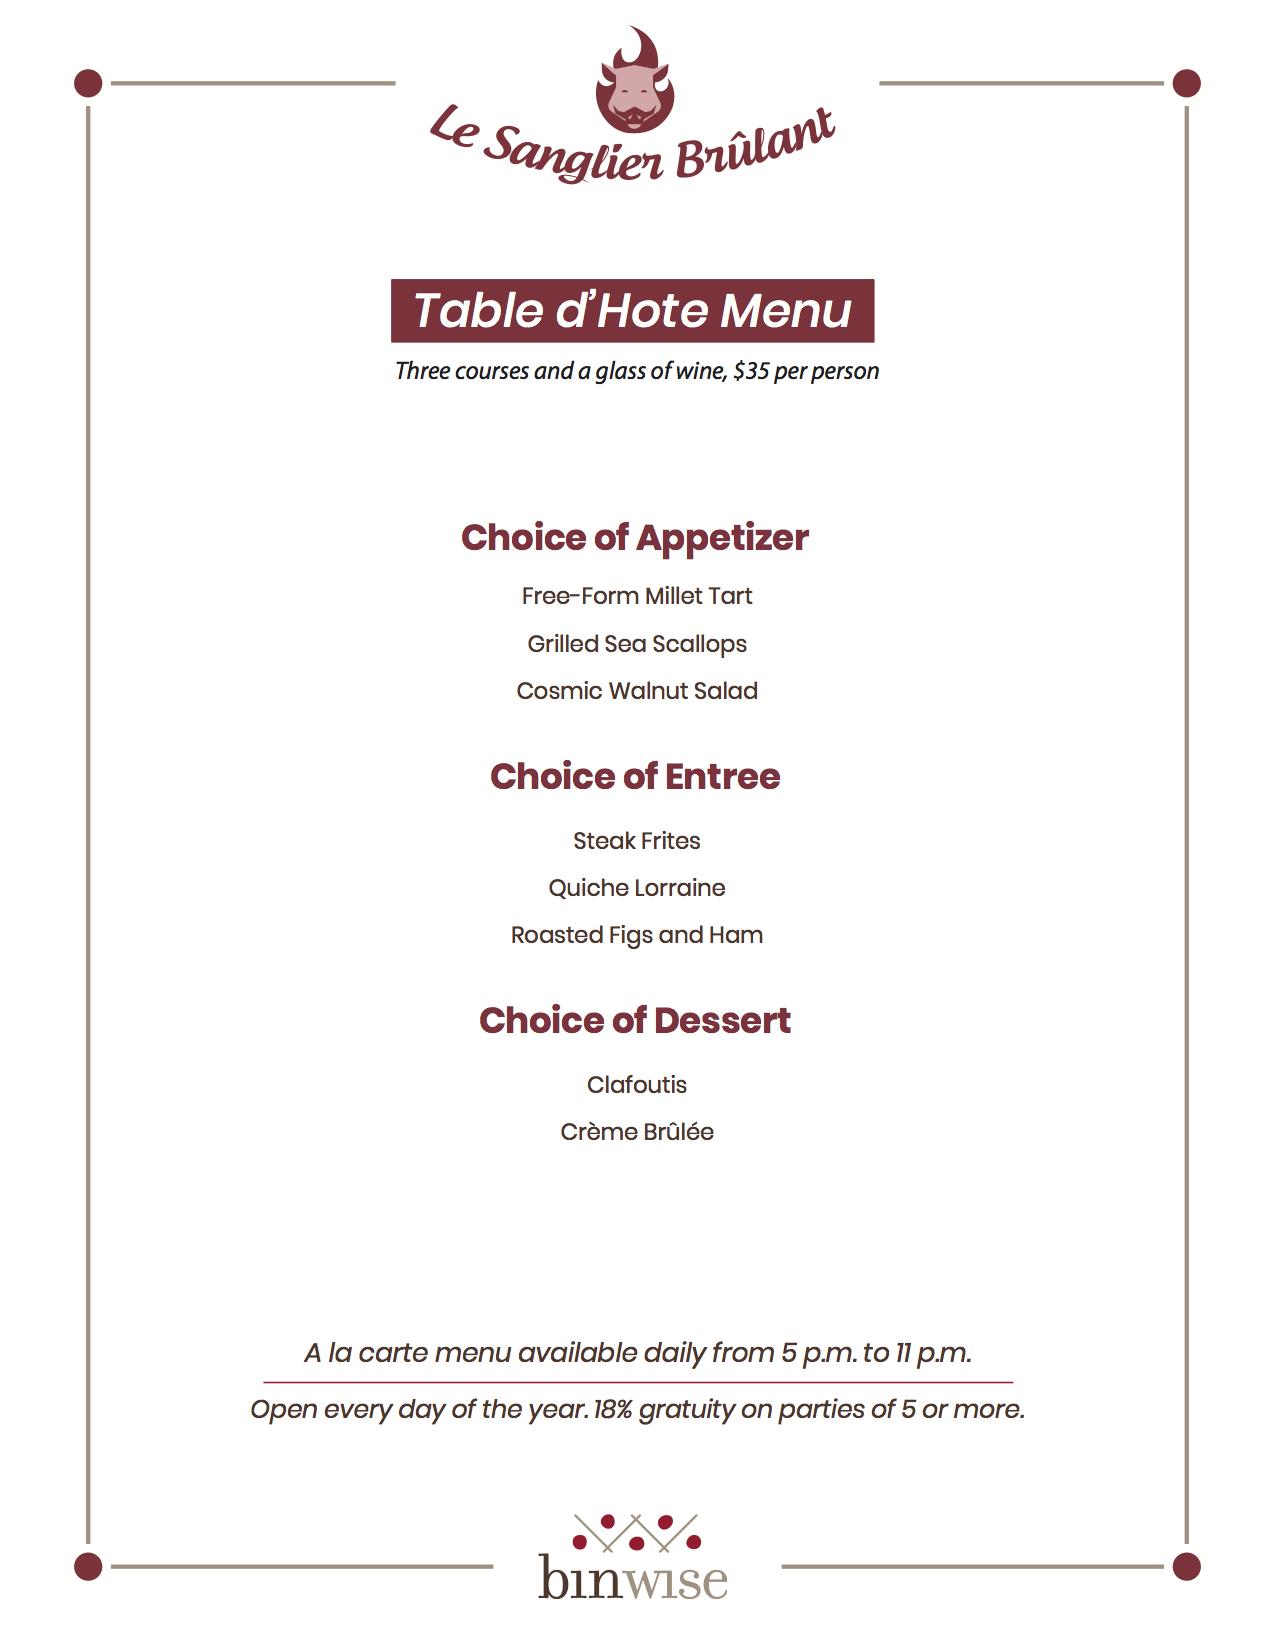 table d'hote sample menu